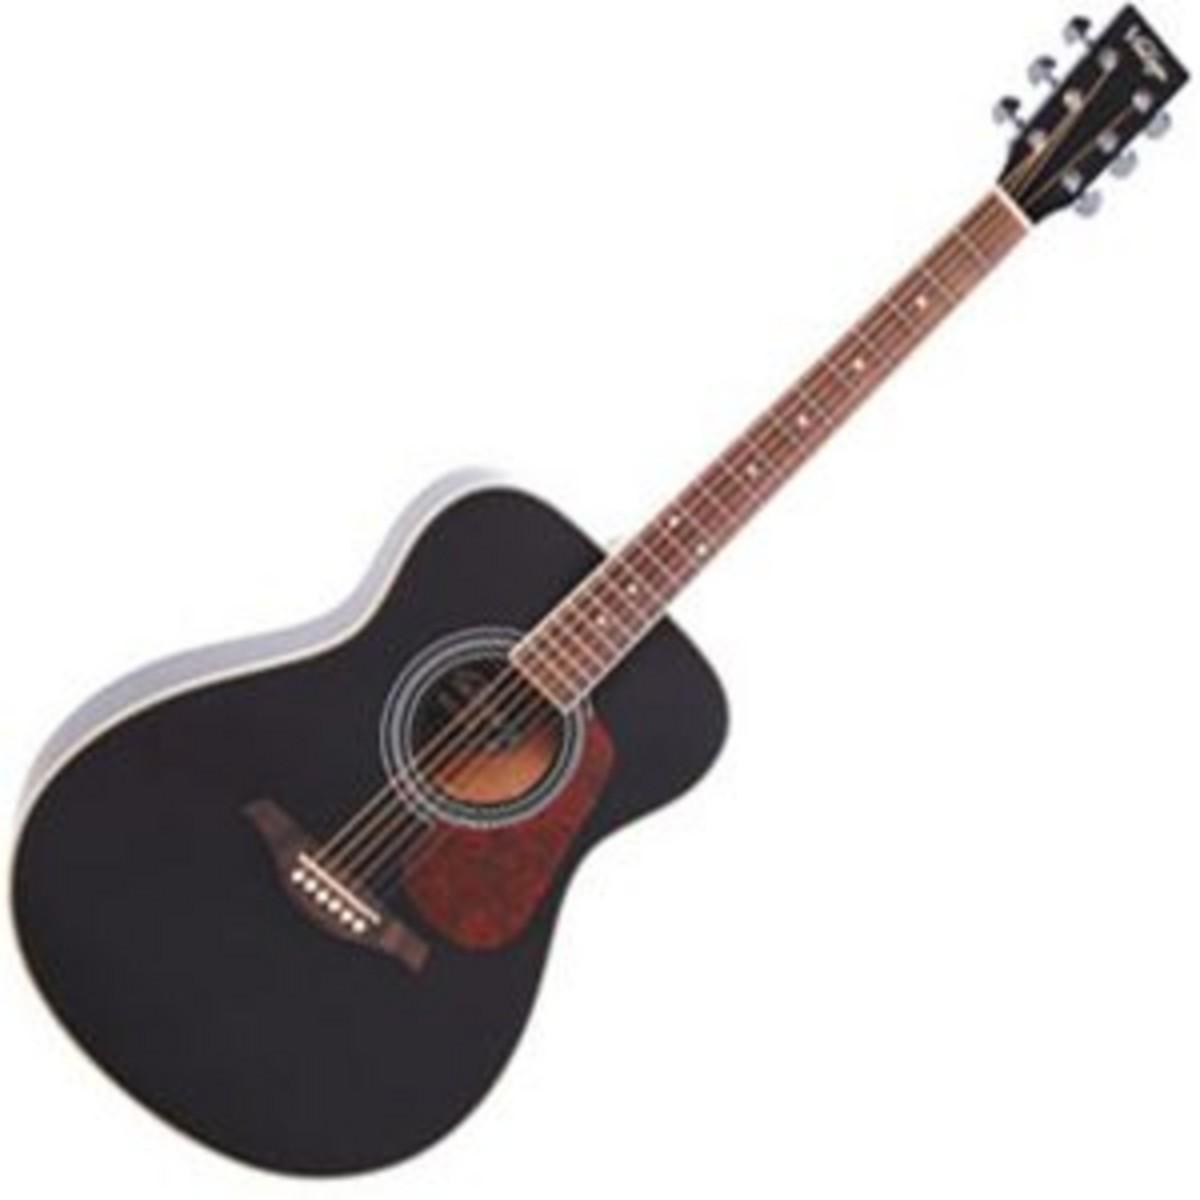 vintage ve300 electro acoustic guitar black at. Black Bedroom Furniture Sets. Home Design Ideas